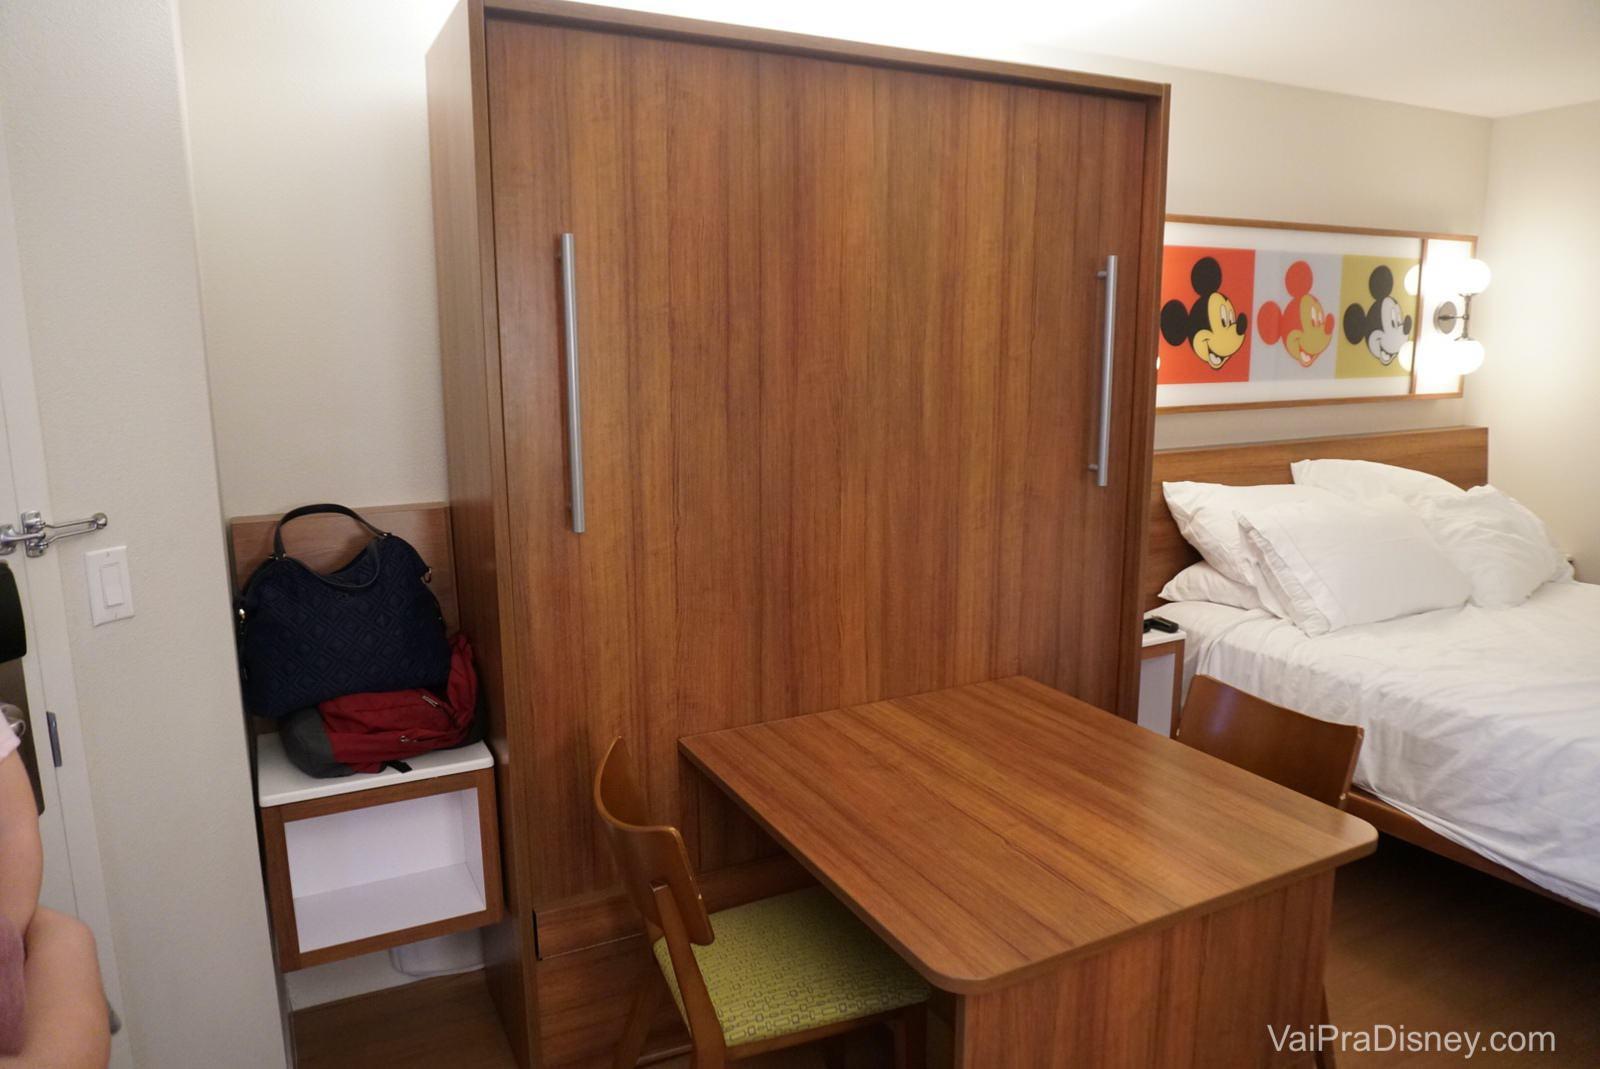 Ficar hospedado nos hotéis da Disney está ainda melhor com os quartos reformados!